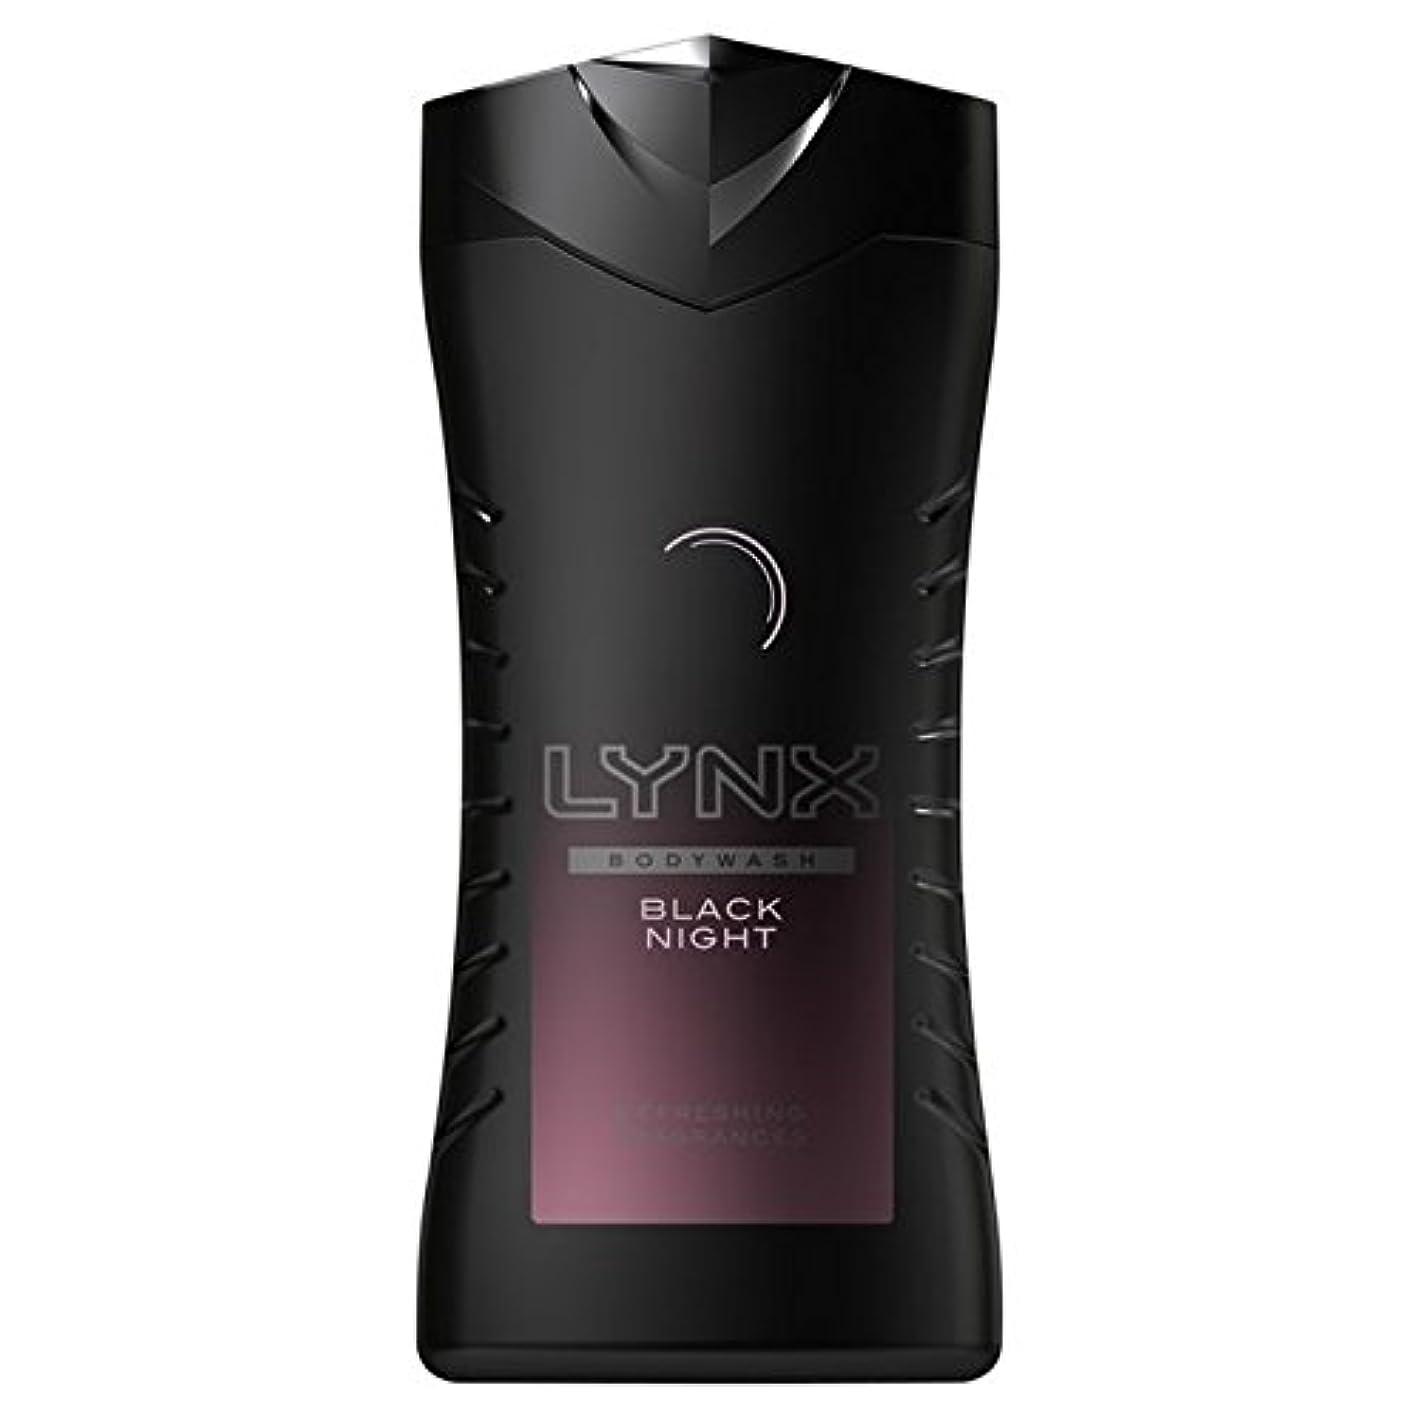 スラック甘い致命的Lynx Black Night Shower Gel 250ml - オオヤマネコ黒夜シャワージェル250ミリリットル [並行輸入品]